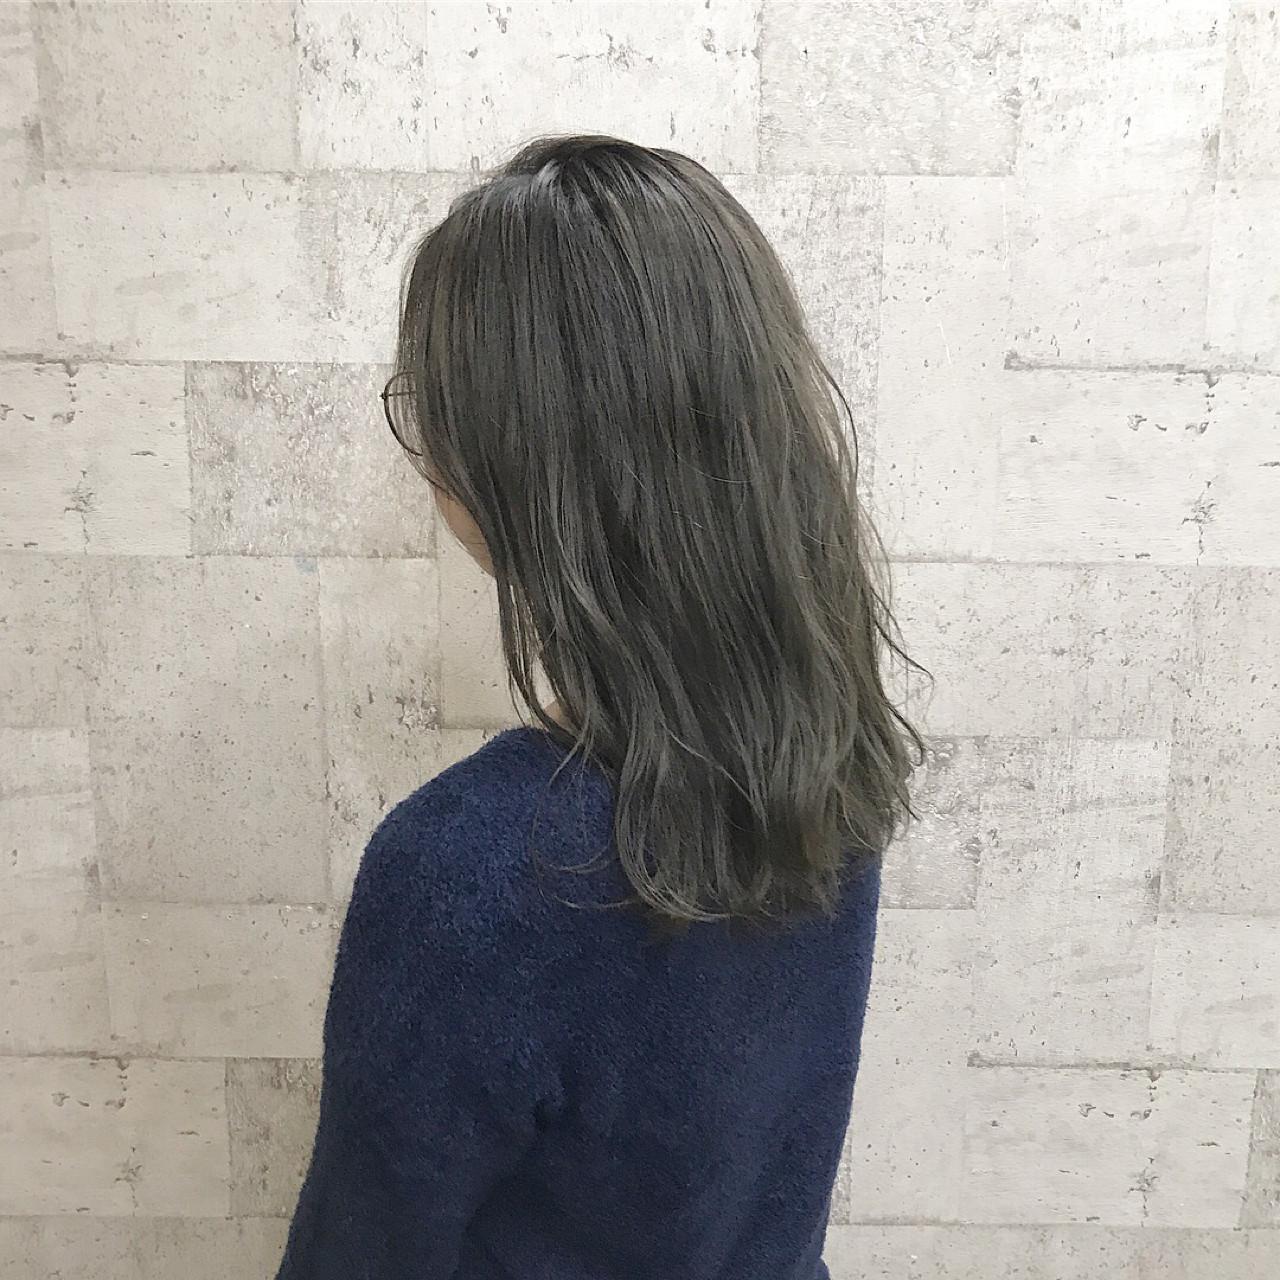 ダブルカラー ブリーチ ハイトーン 外国人風 ヘアスタイルや髪型の写真・画像 | ヨシダタイシ / CHERIE hairdesign